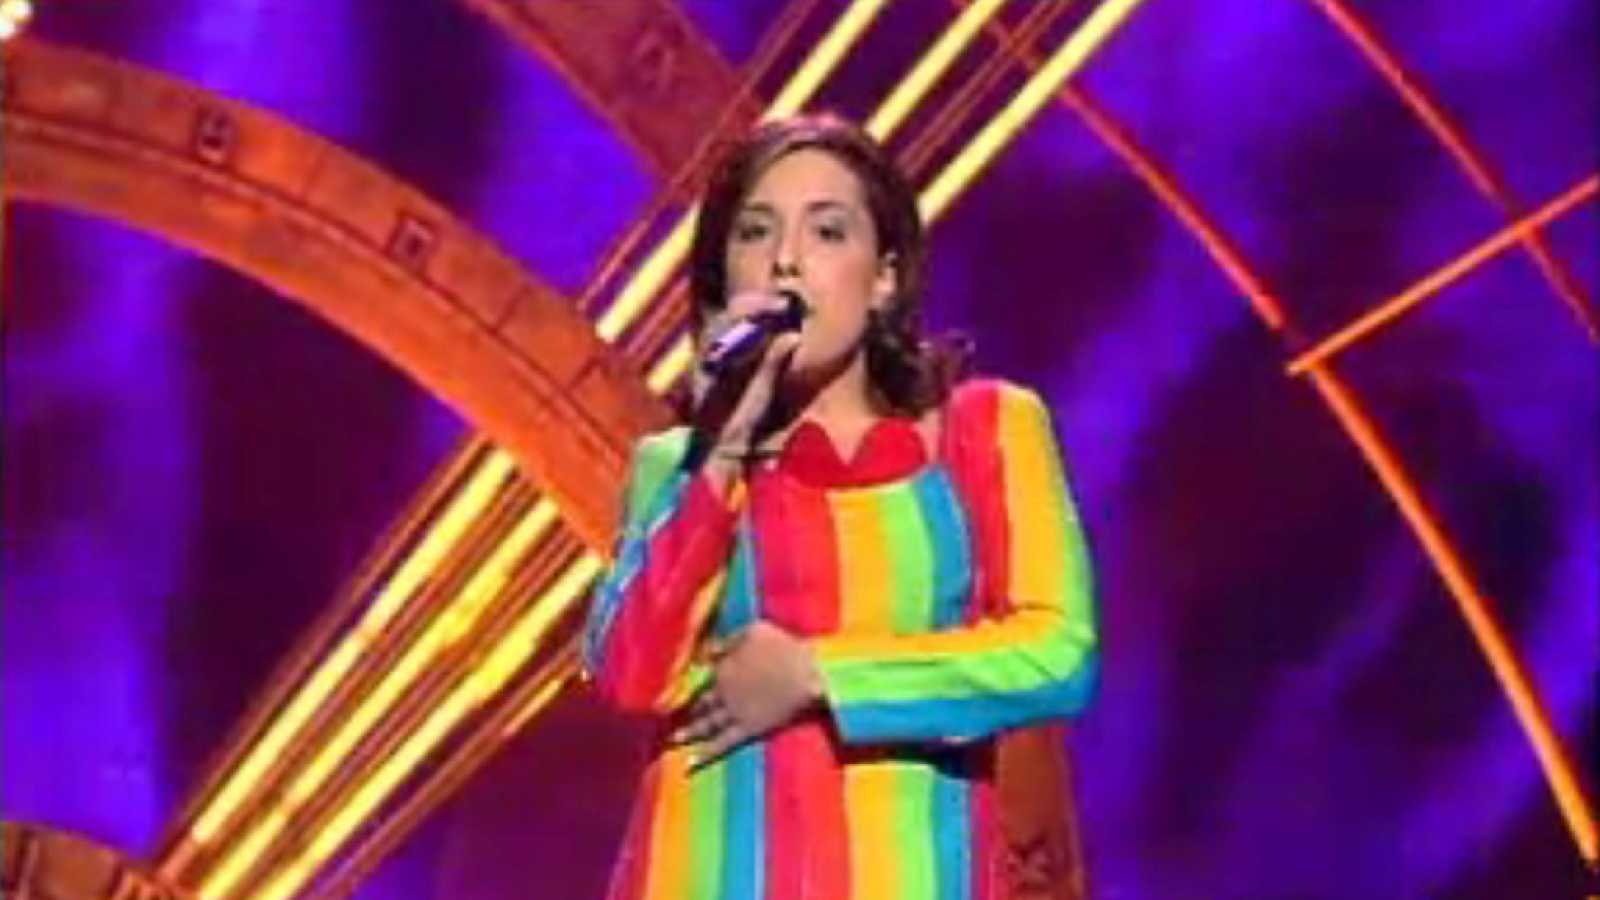 Universo Eurovisión - Nuestros mayores fracasos en el festival - Escuchar ahora